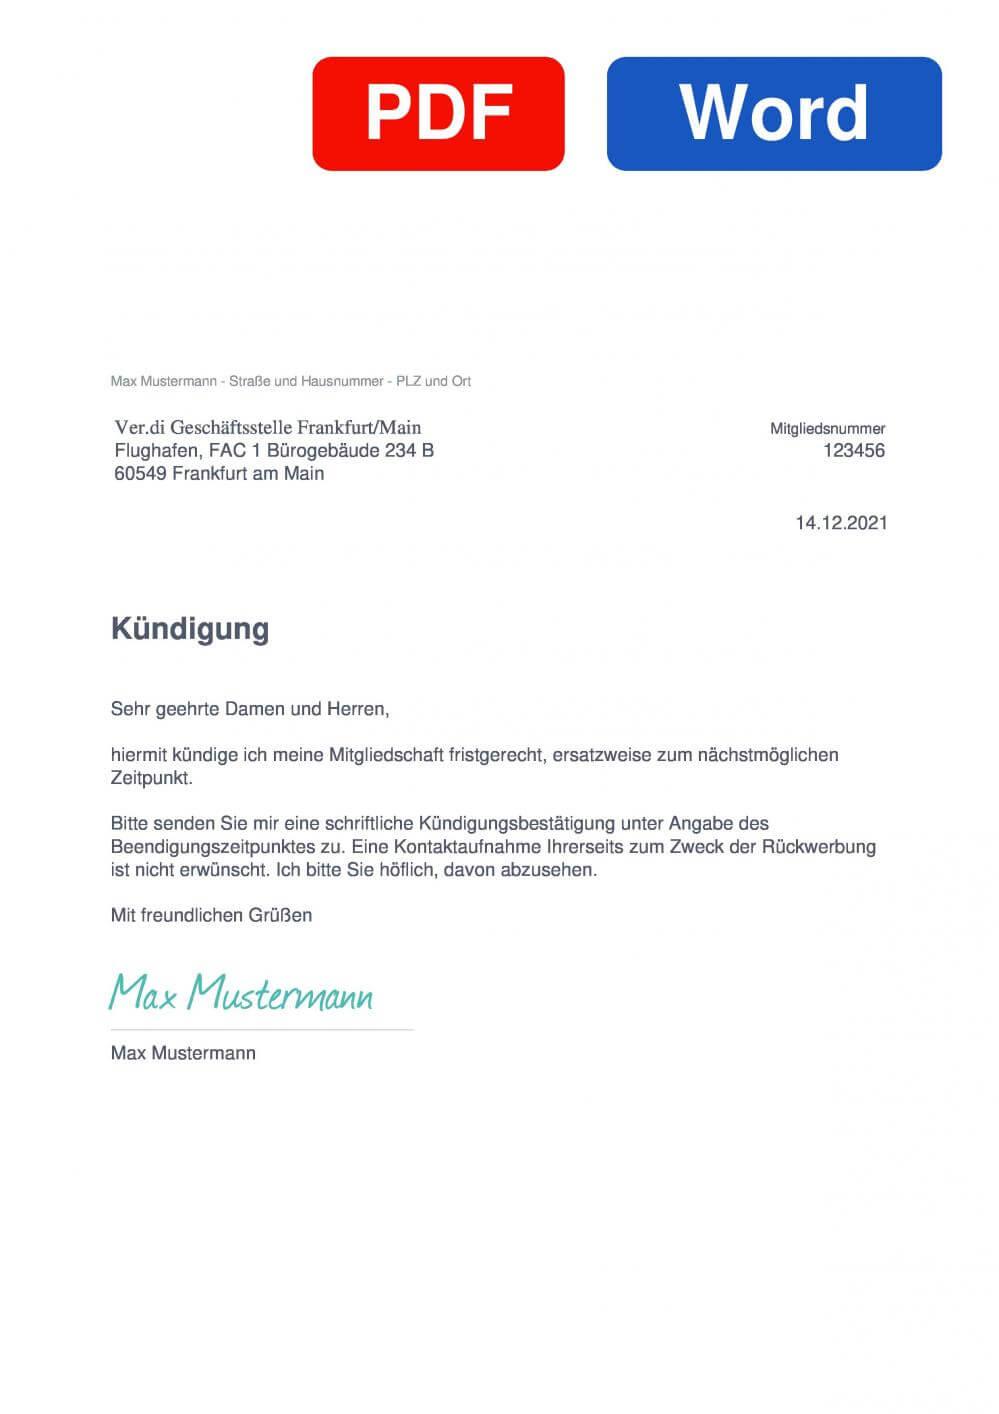 Verdi Frankfurt/Main Flughafen Muster Vorlage für Kündigungsschreiben